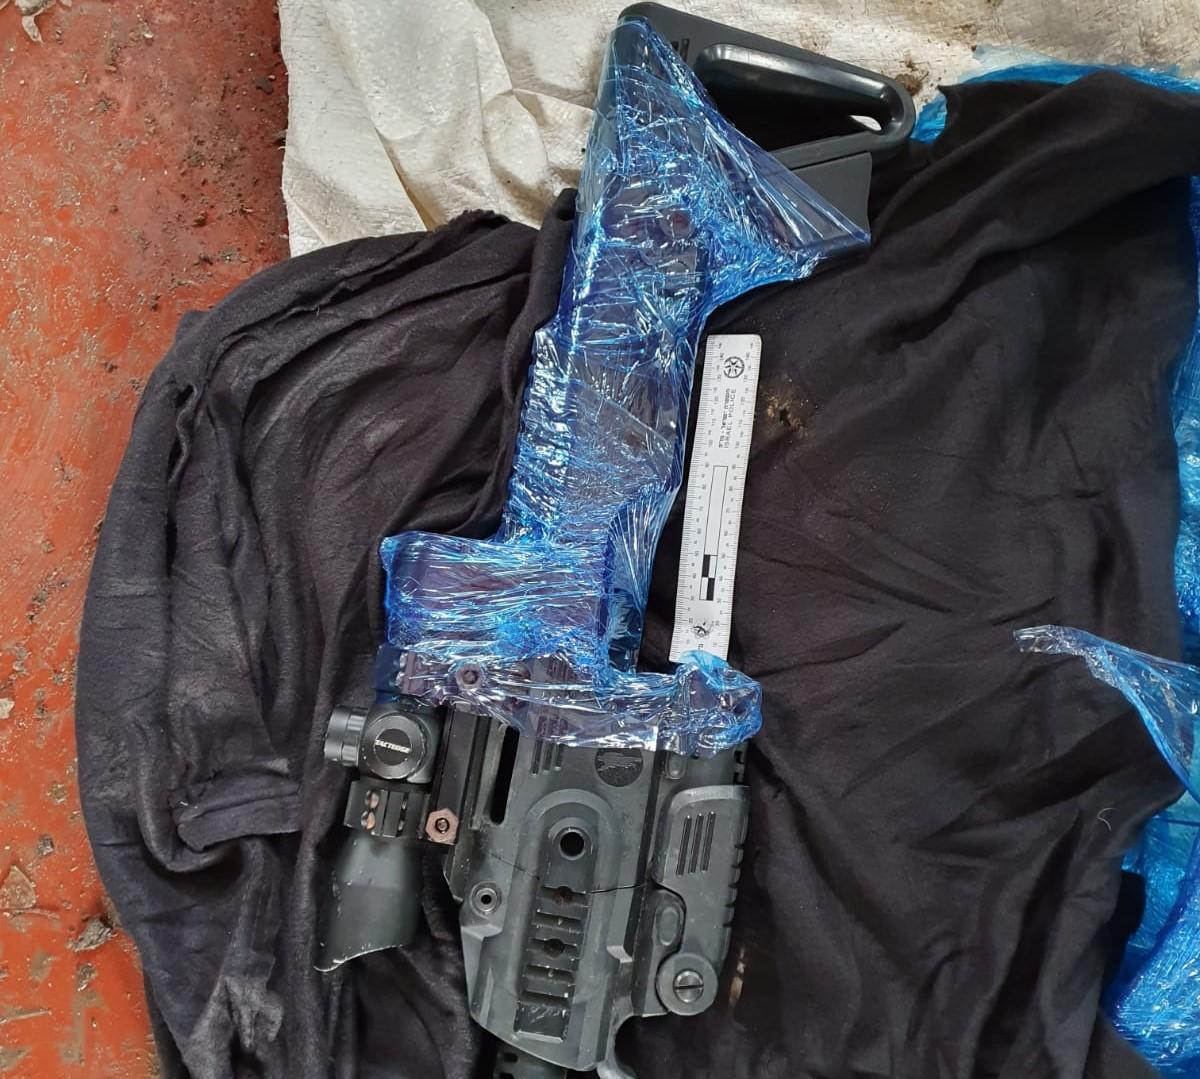 الشرطة: اعتقال 3 مشتبهين من يافا بعد ضبط قطع أسلحة وسموم